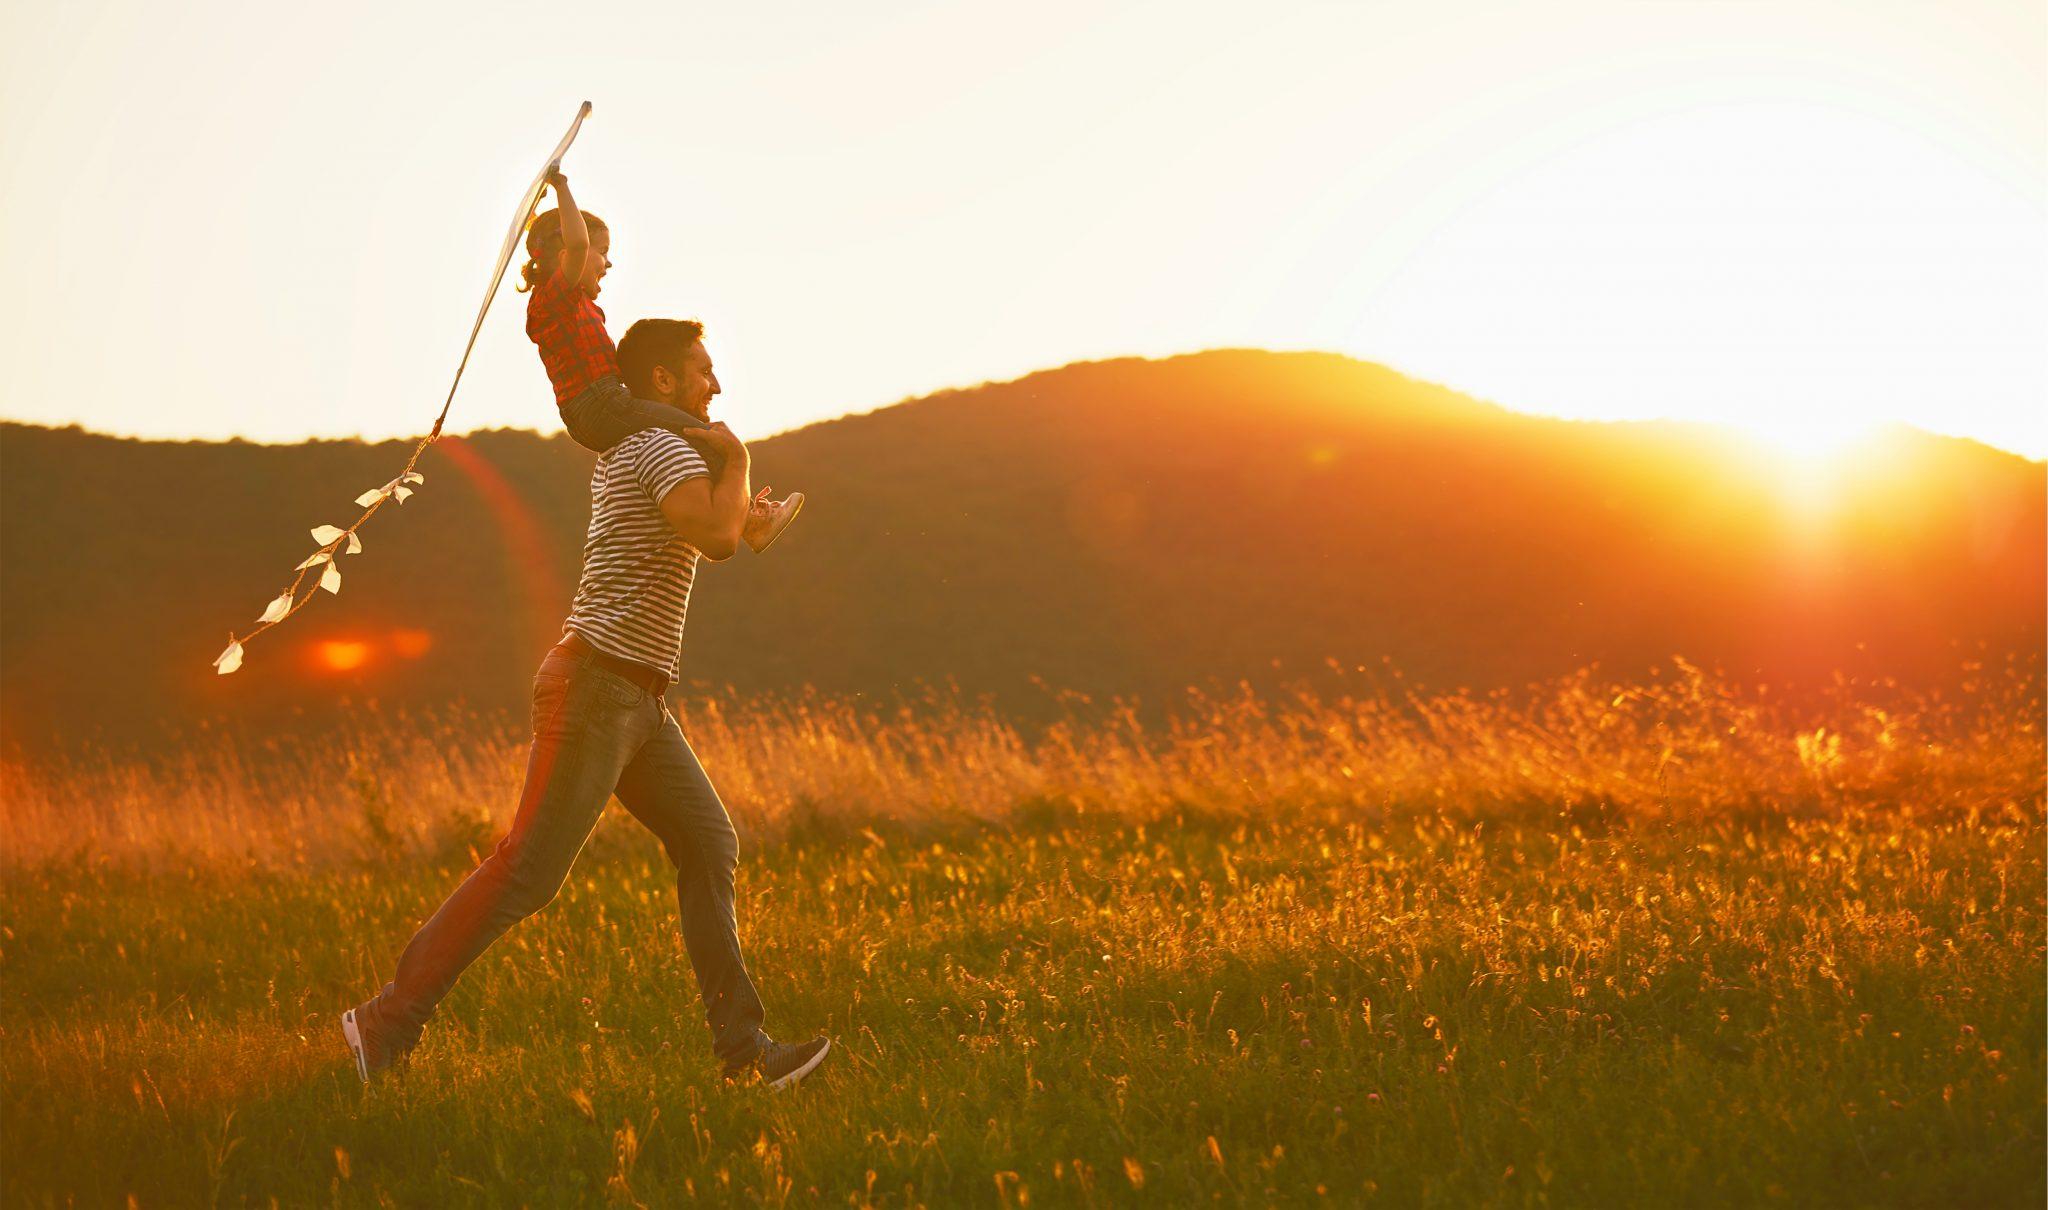 子どもを肩車して芝生を走っているお父さん